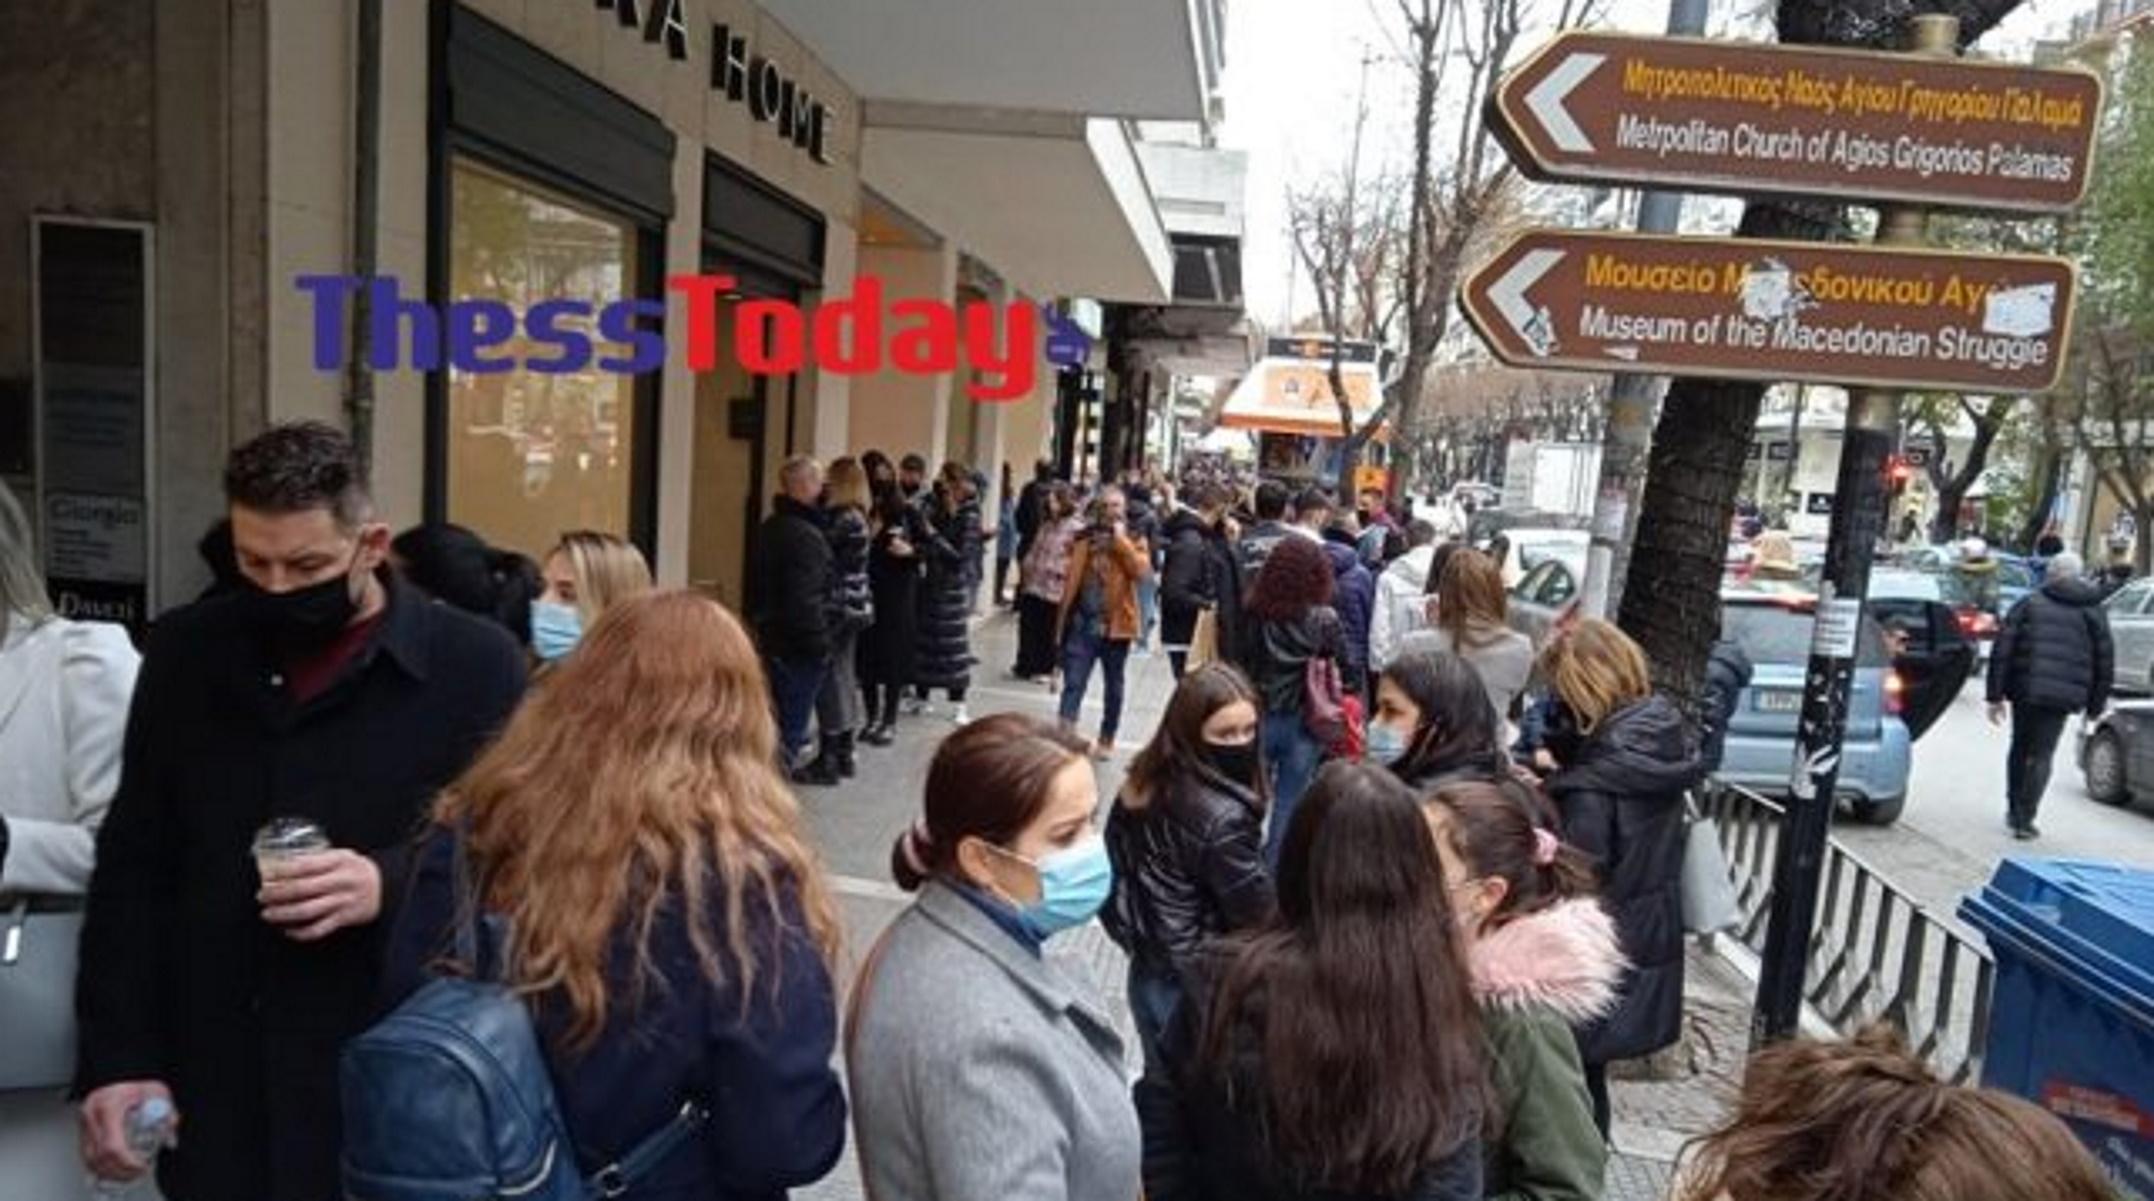 Θεσσαλονίκη: Κοσμοπλημμύρα στην αγορά – Εντατικοί έλεγχοι για SMS (pics)